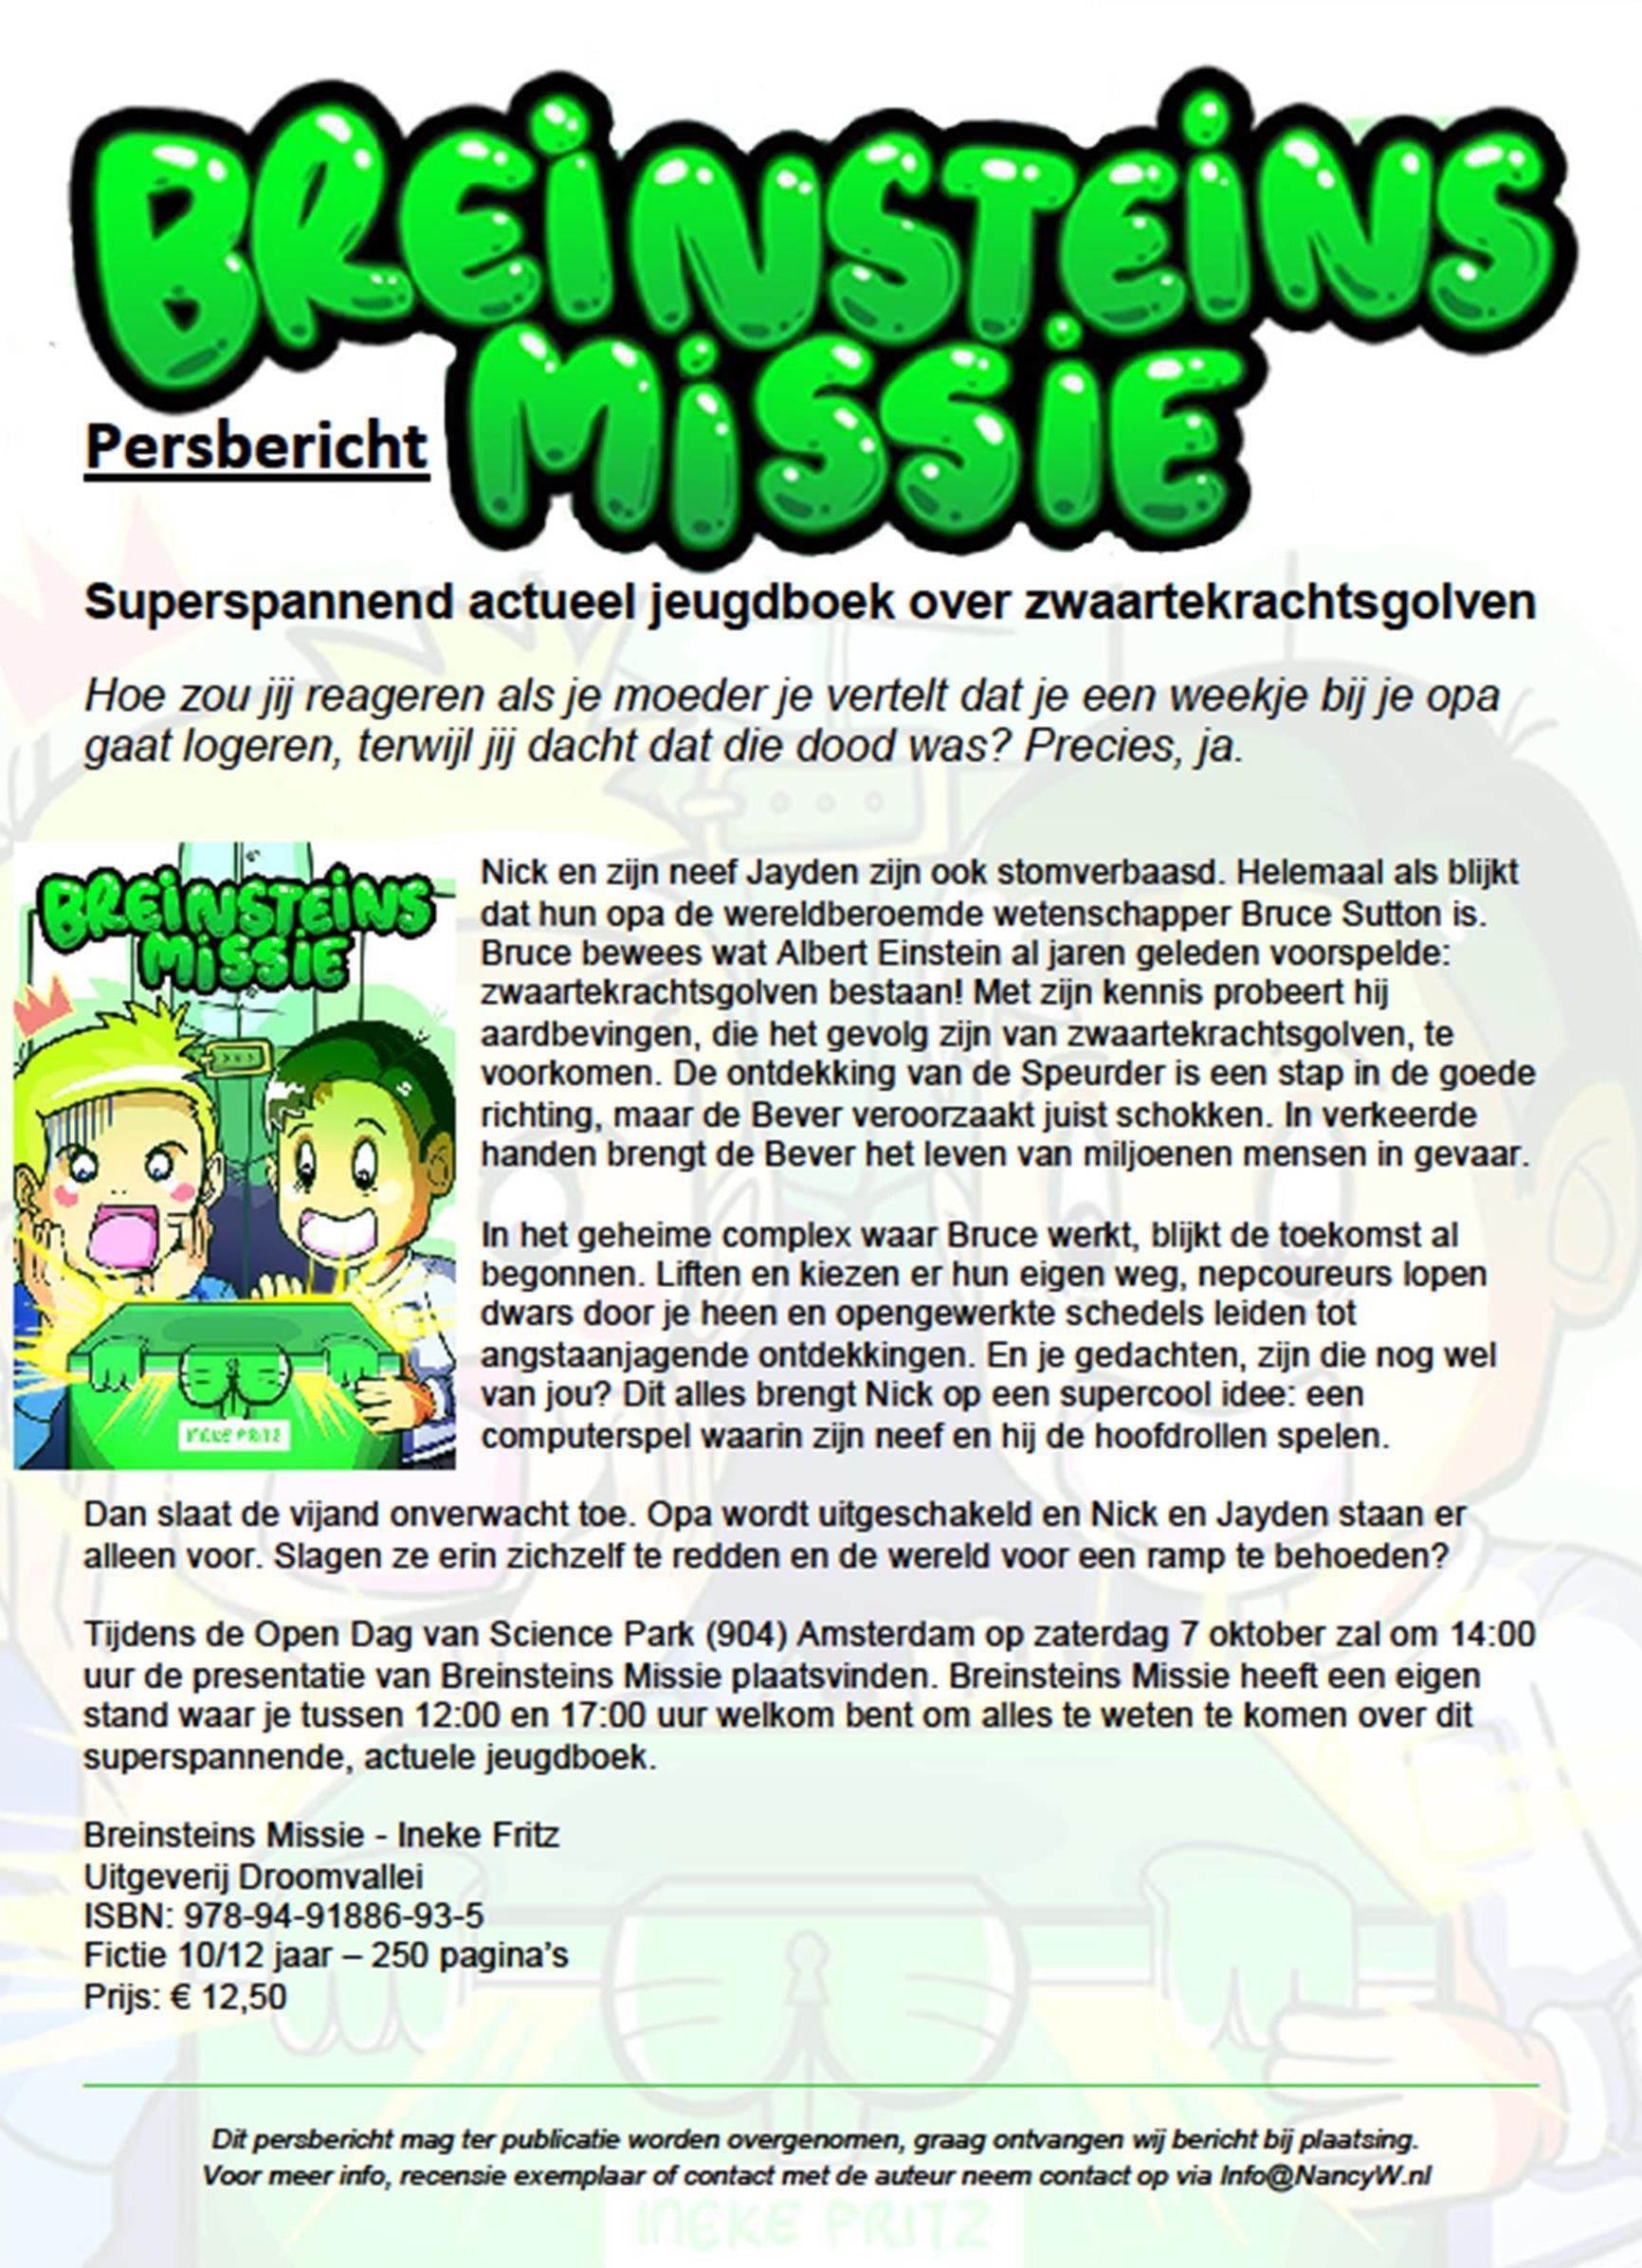 persbericht-breinsteins-missie-ineke-fritz